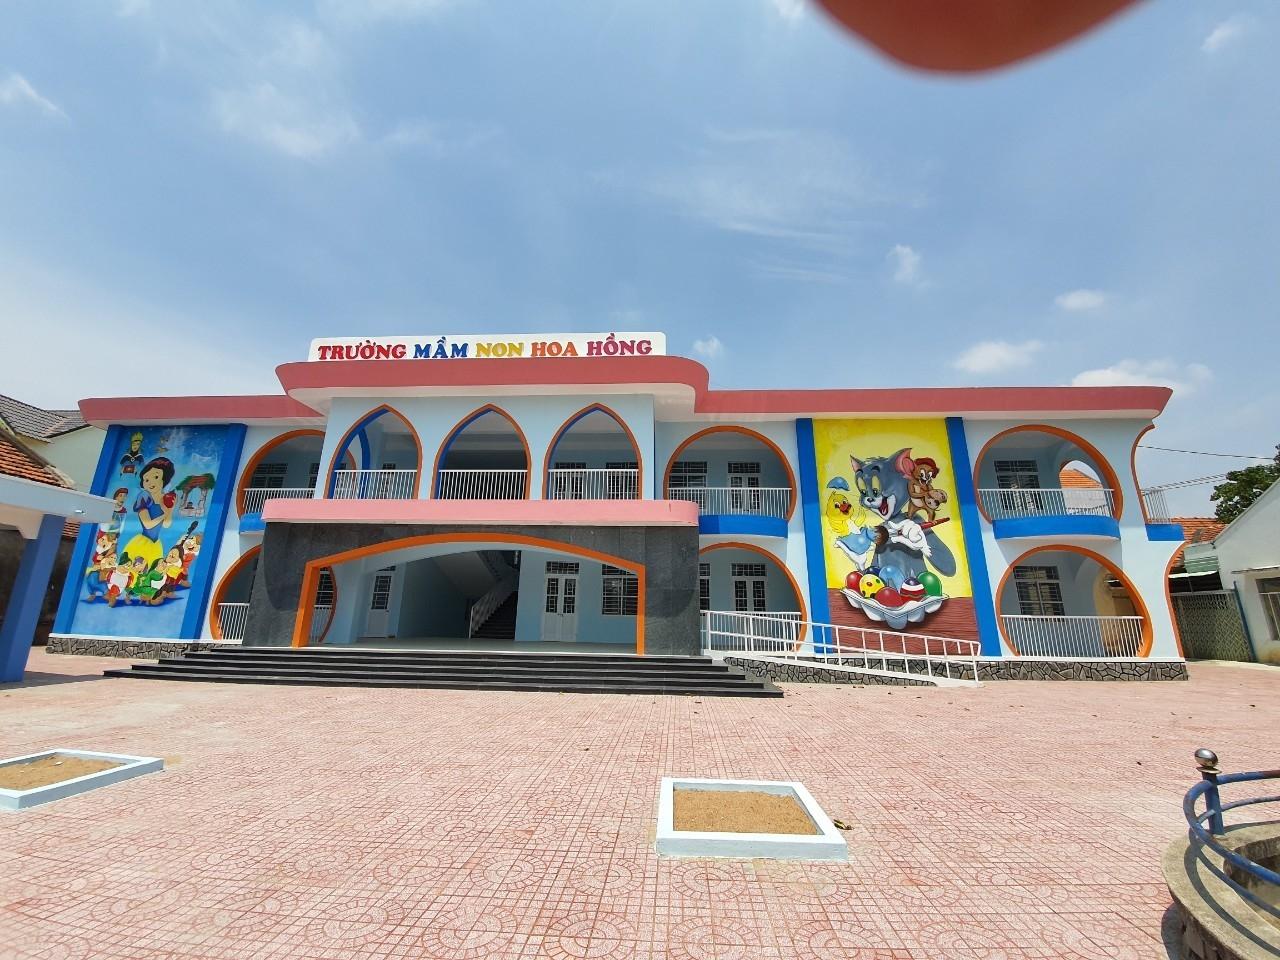 BSR kiểm tra công trình ASXH Trường Mầm non Hoa Hồng (Phú Yên)